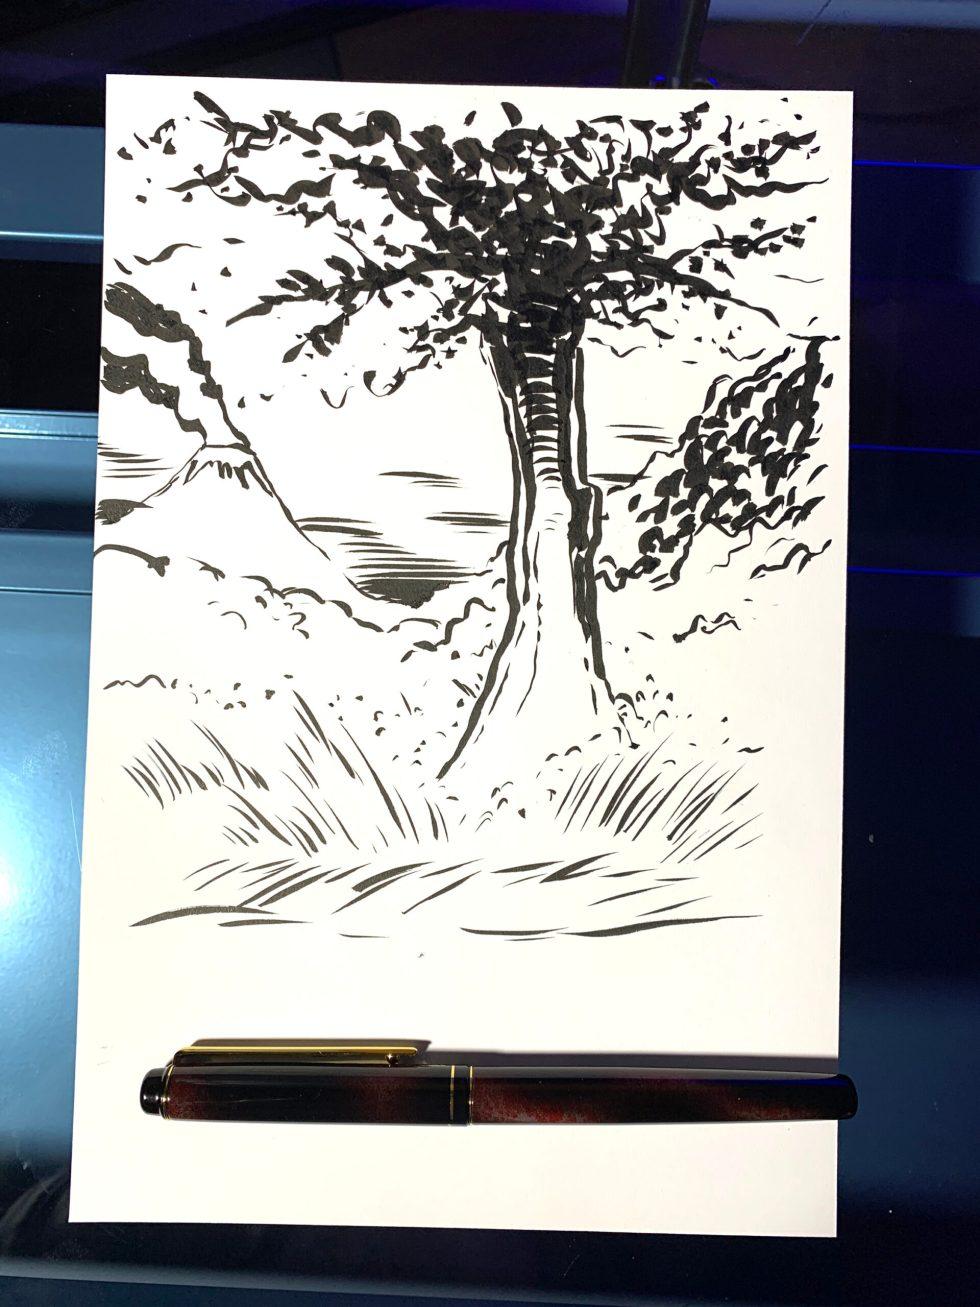 Kuretake No. 50 Fountain Brush image 1